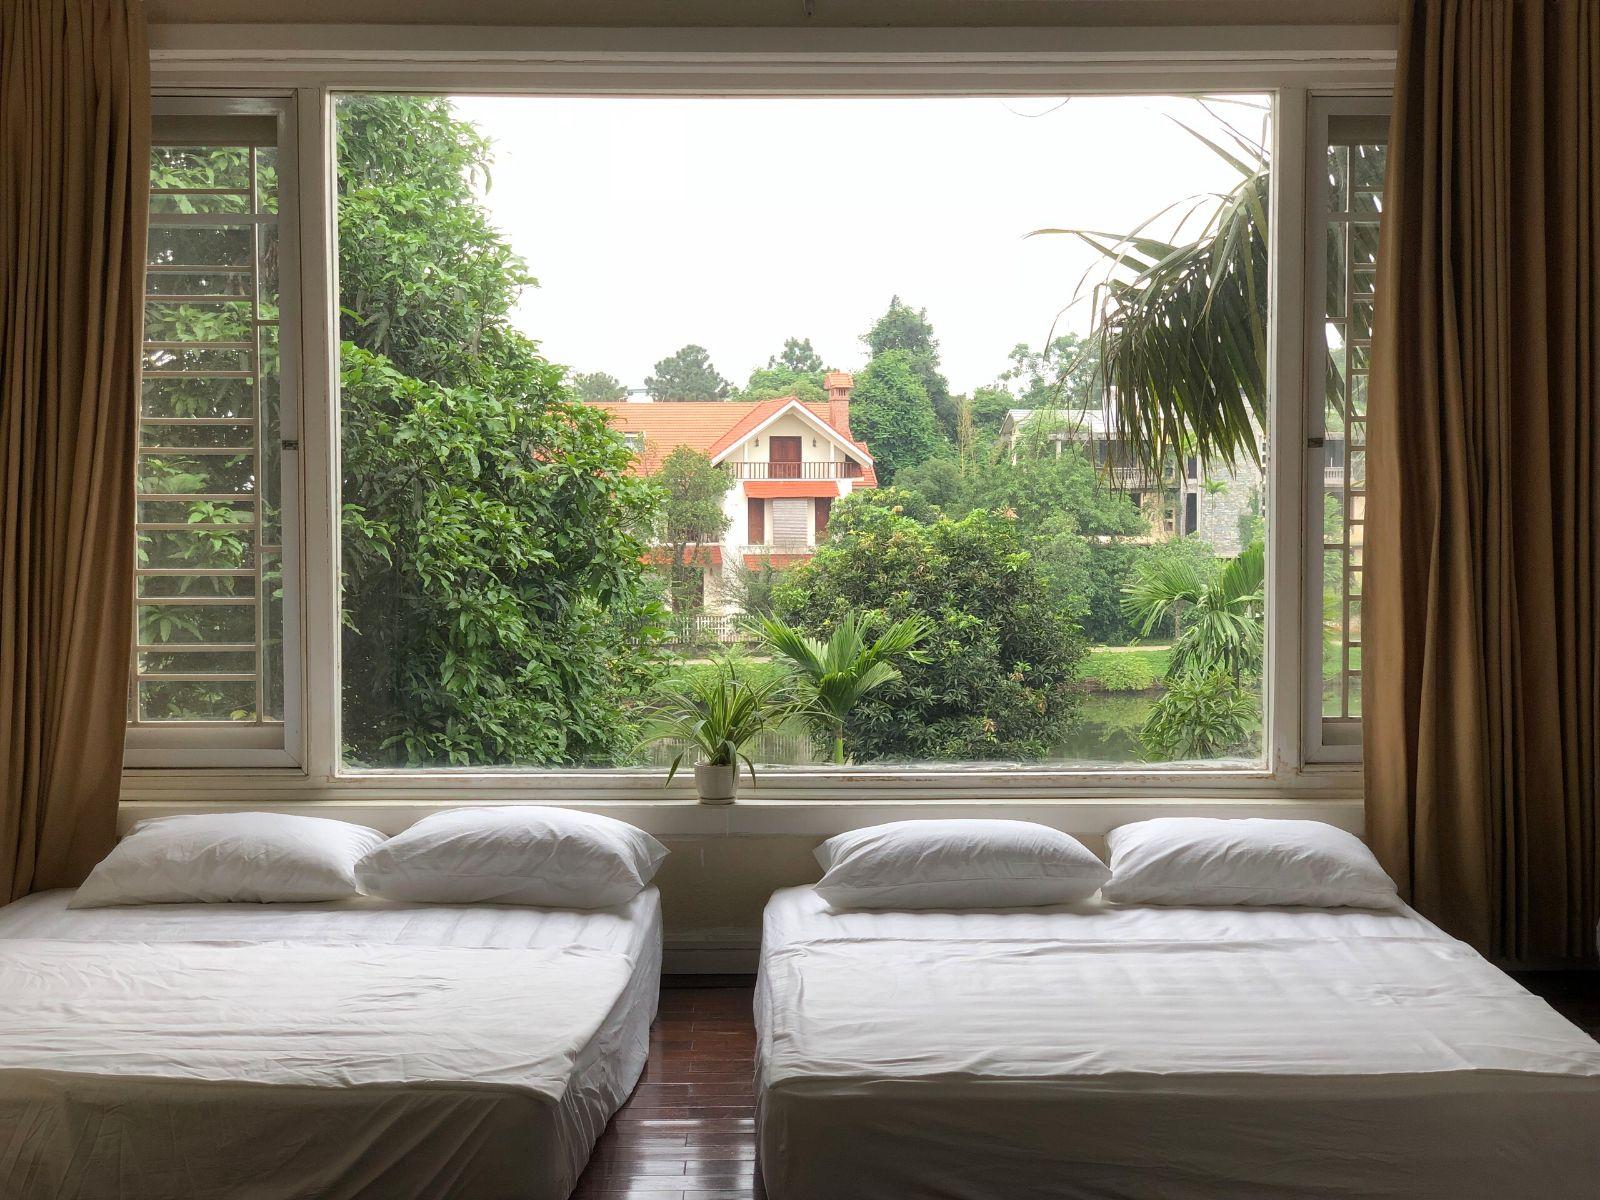 Không gian phòng ngủ thoáng mát - villa tại Thạch Thất, Hà Nội